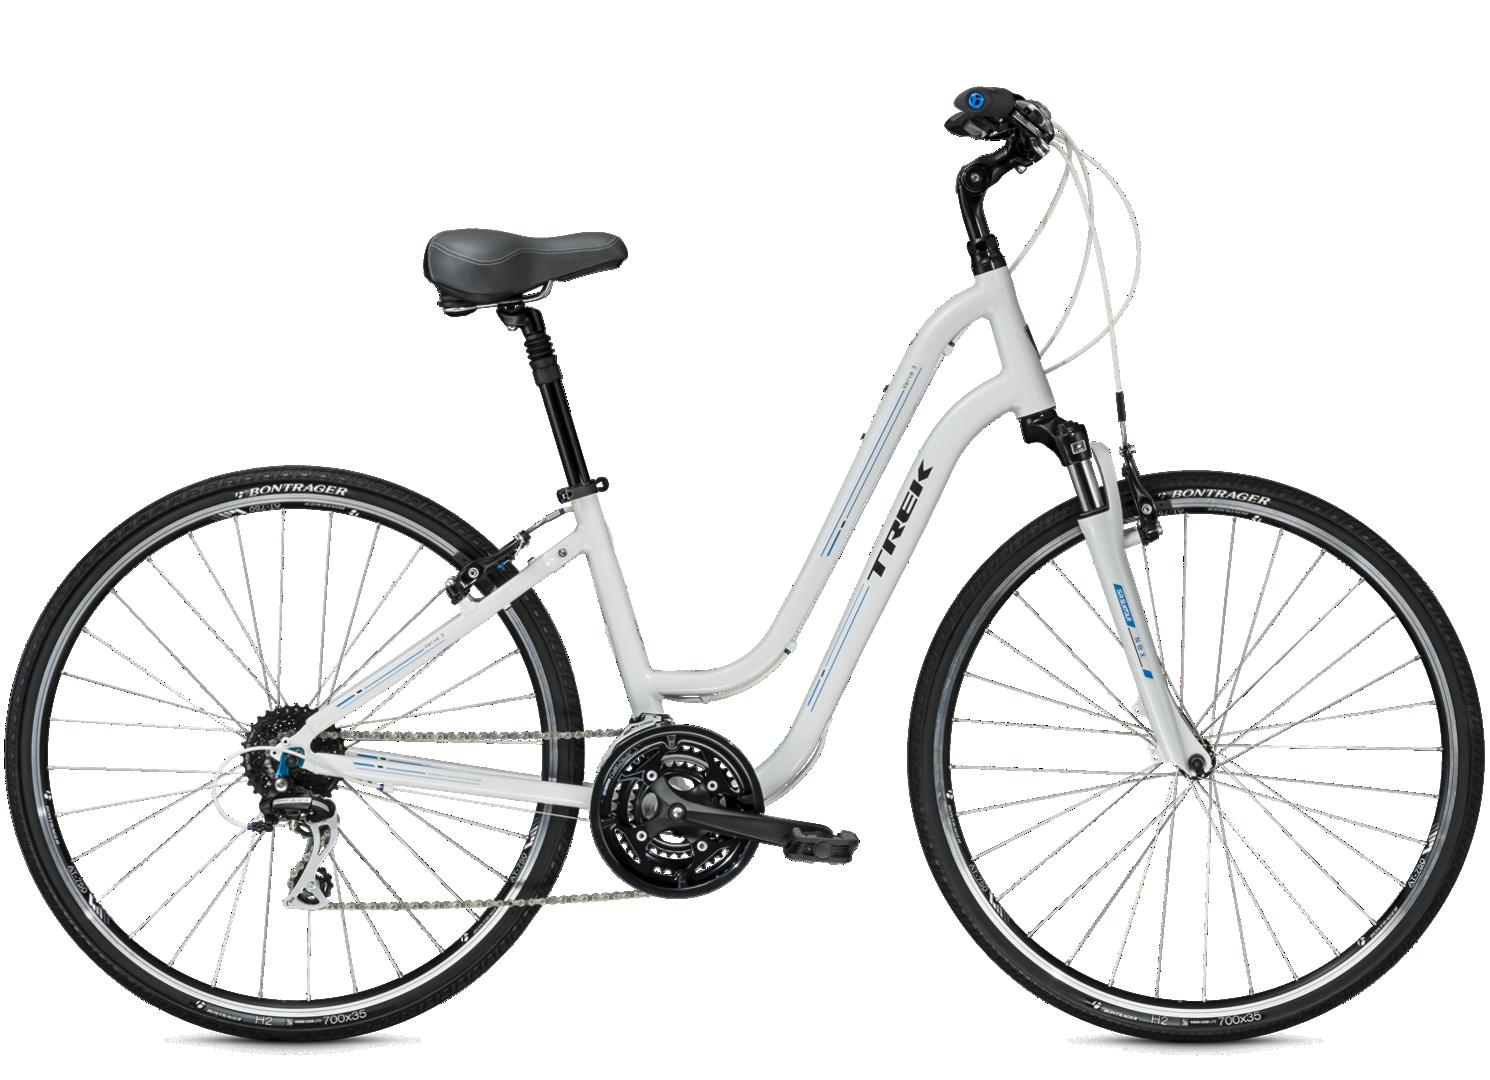 Verve 3 Wsd Trek Bicycle